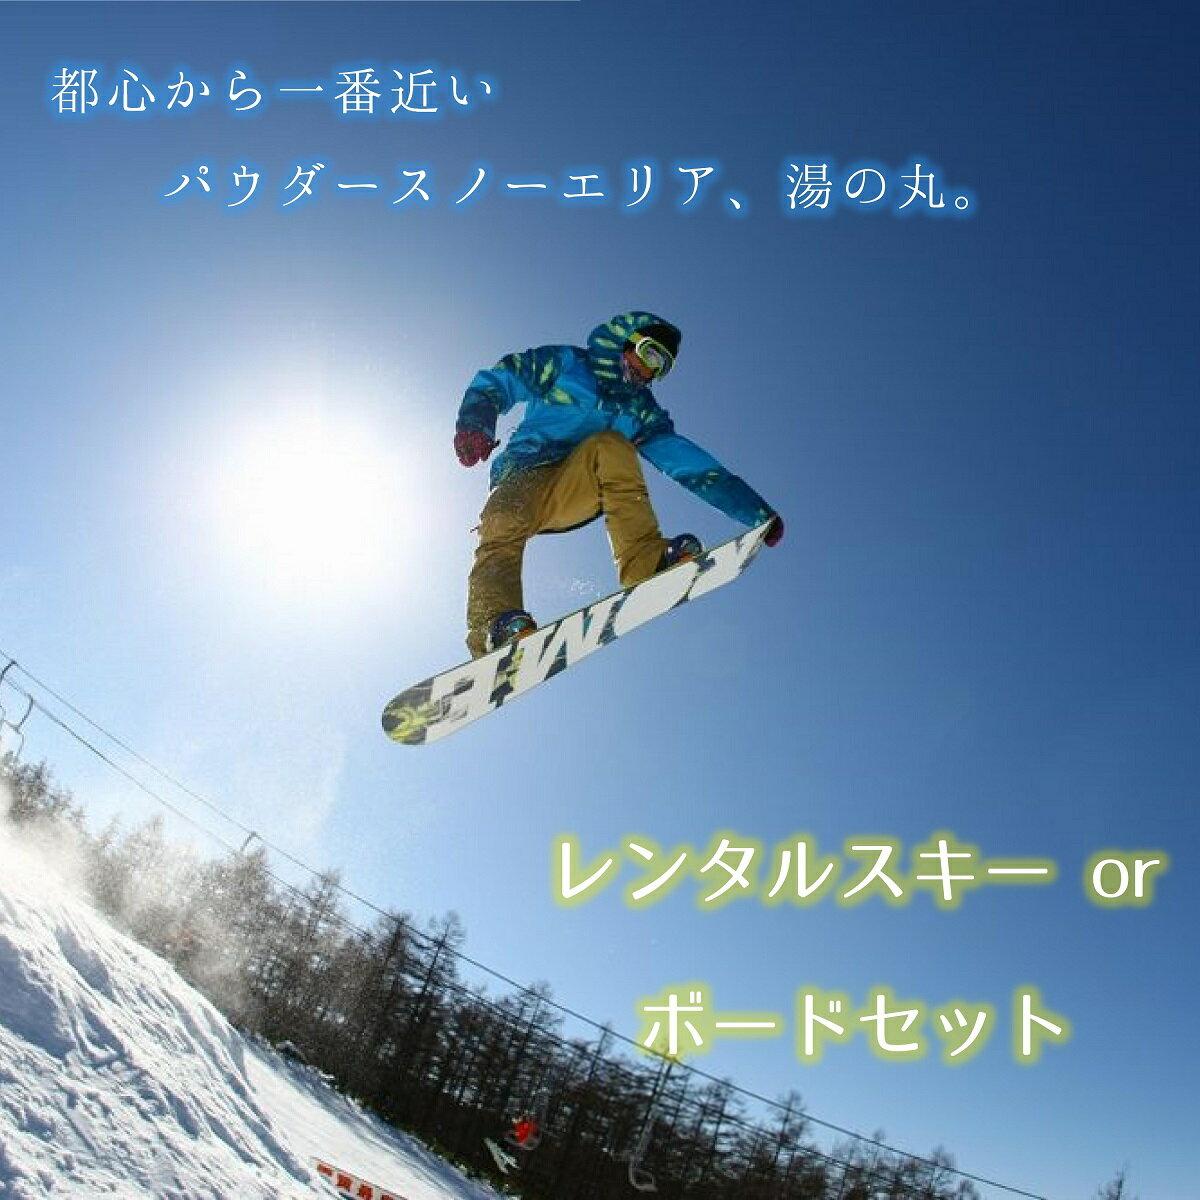 【ふるさと納税】湯の丸スキー場 レンタルスキー又はレンタルボードセット